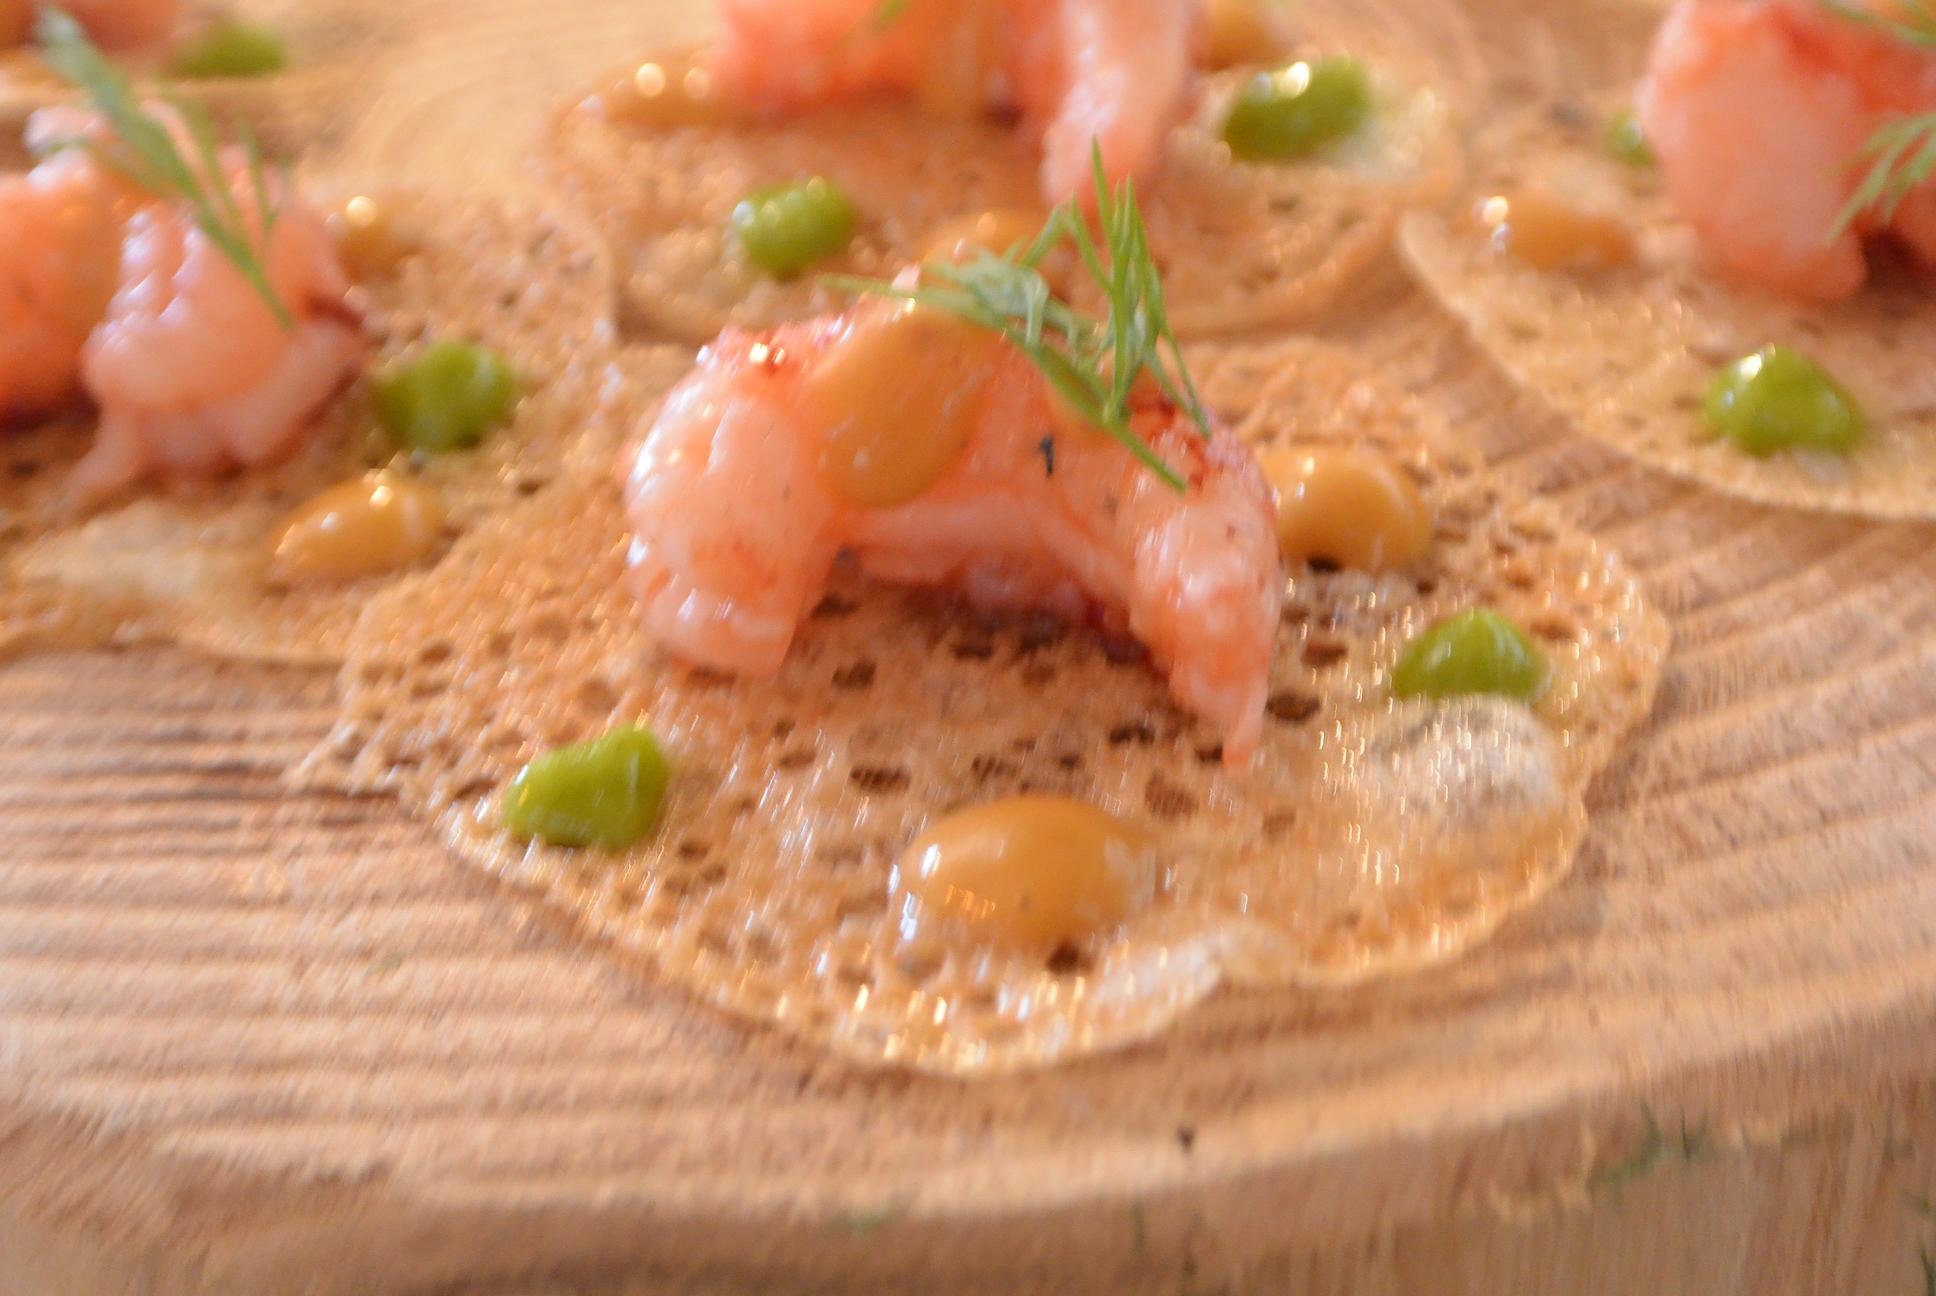 La Moncloa de San Lázaro añade a su oferta un menú estrella diseñado por el Restaurante Pablo de León 15